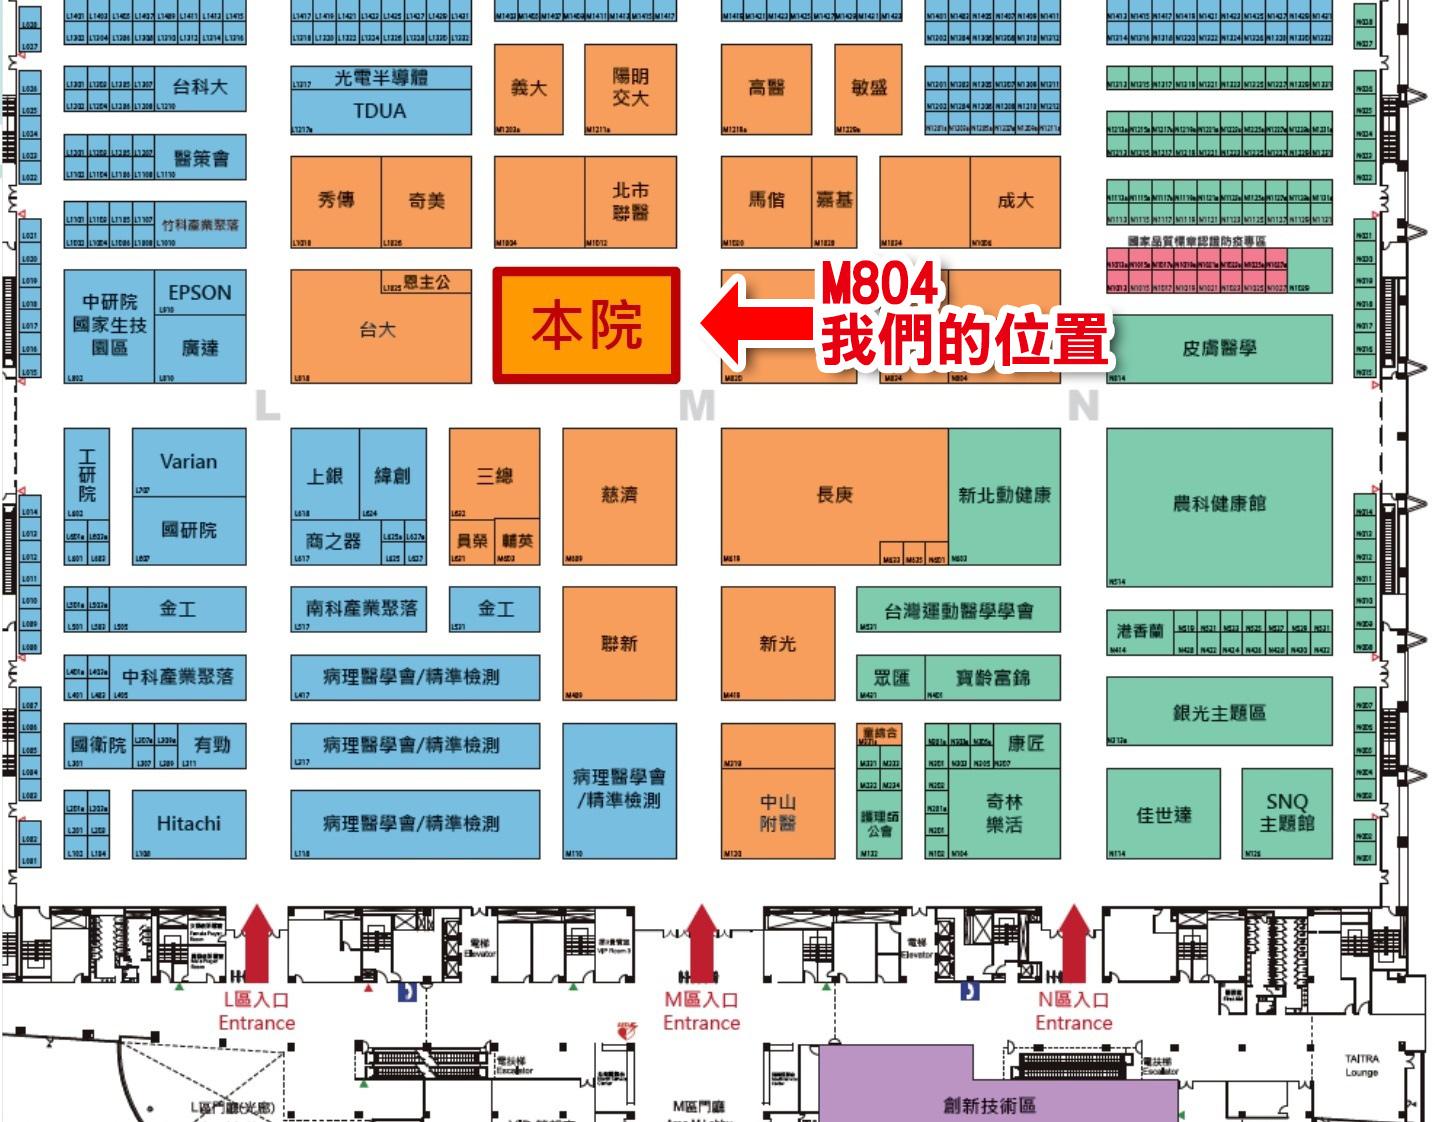 中國醫藥大學附設醫院 2020台灣醫療科技展場位置